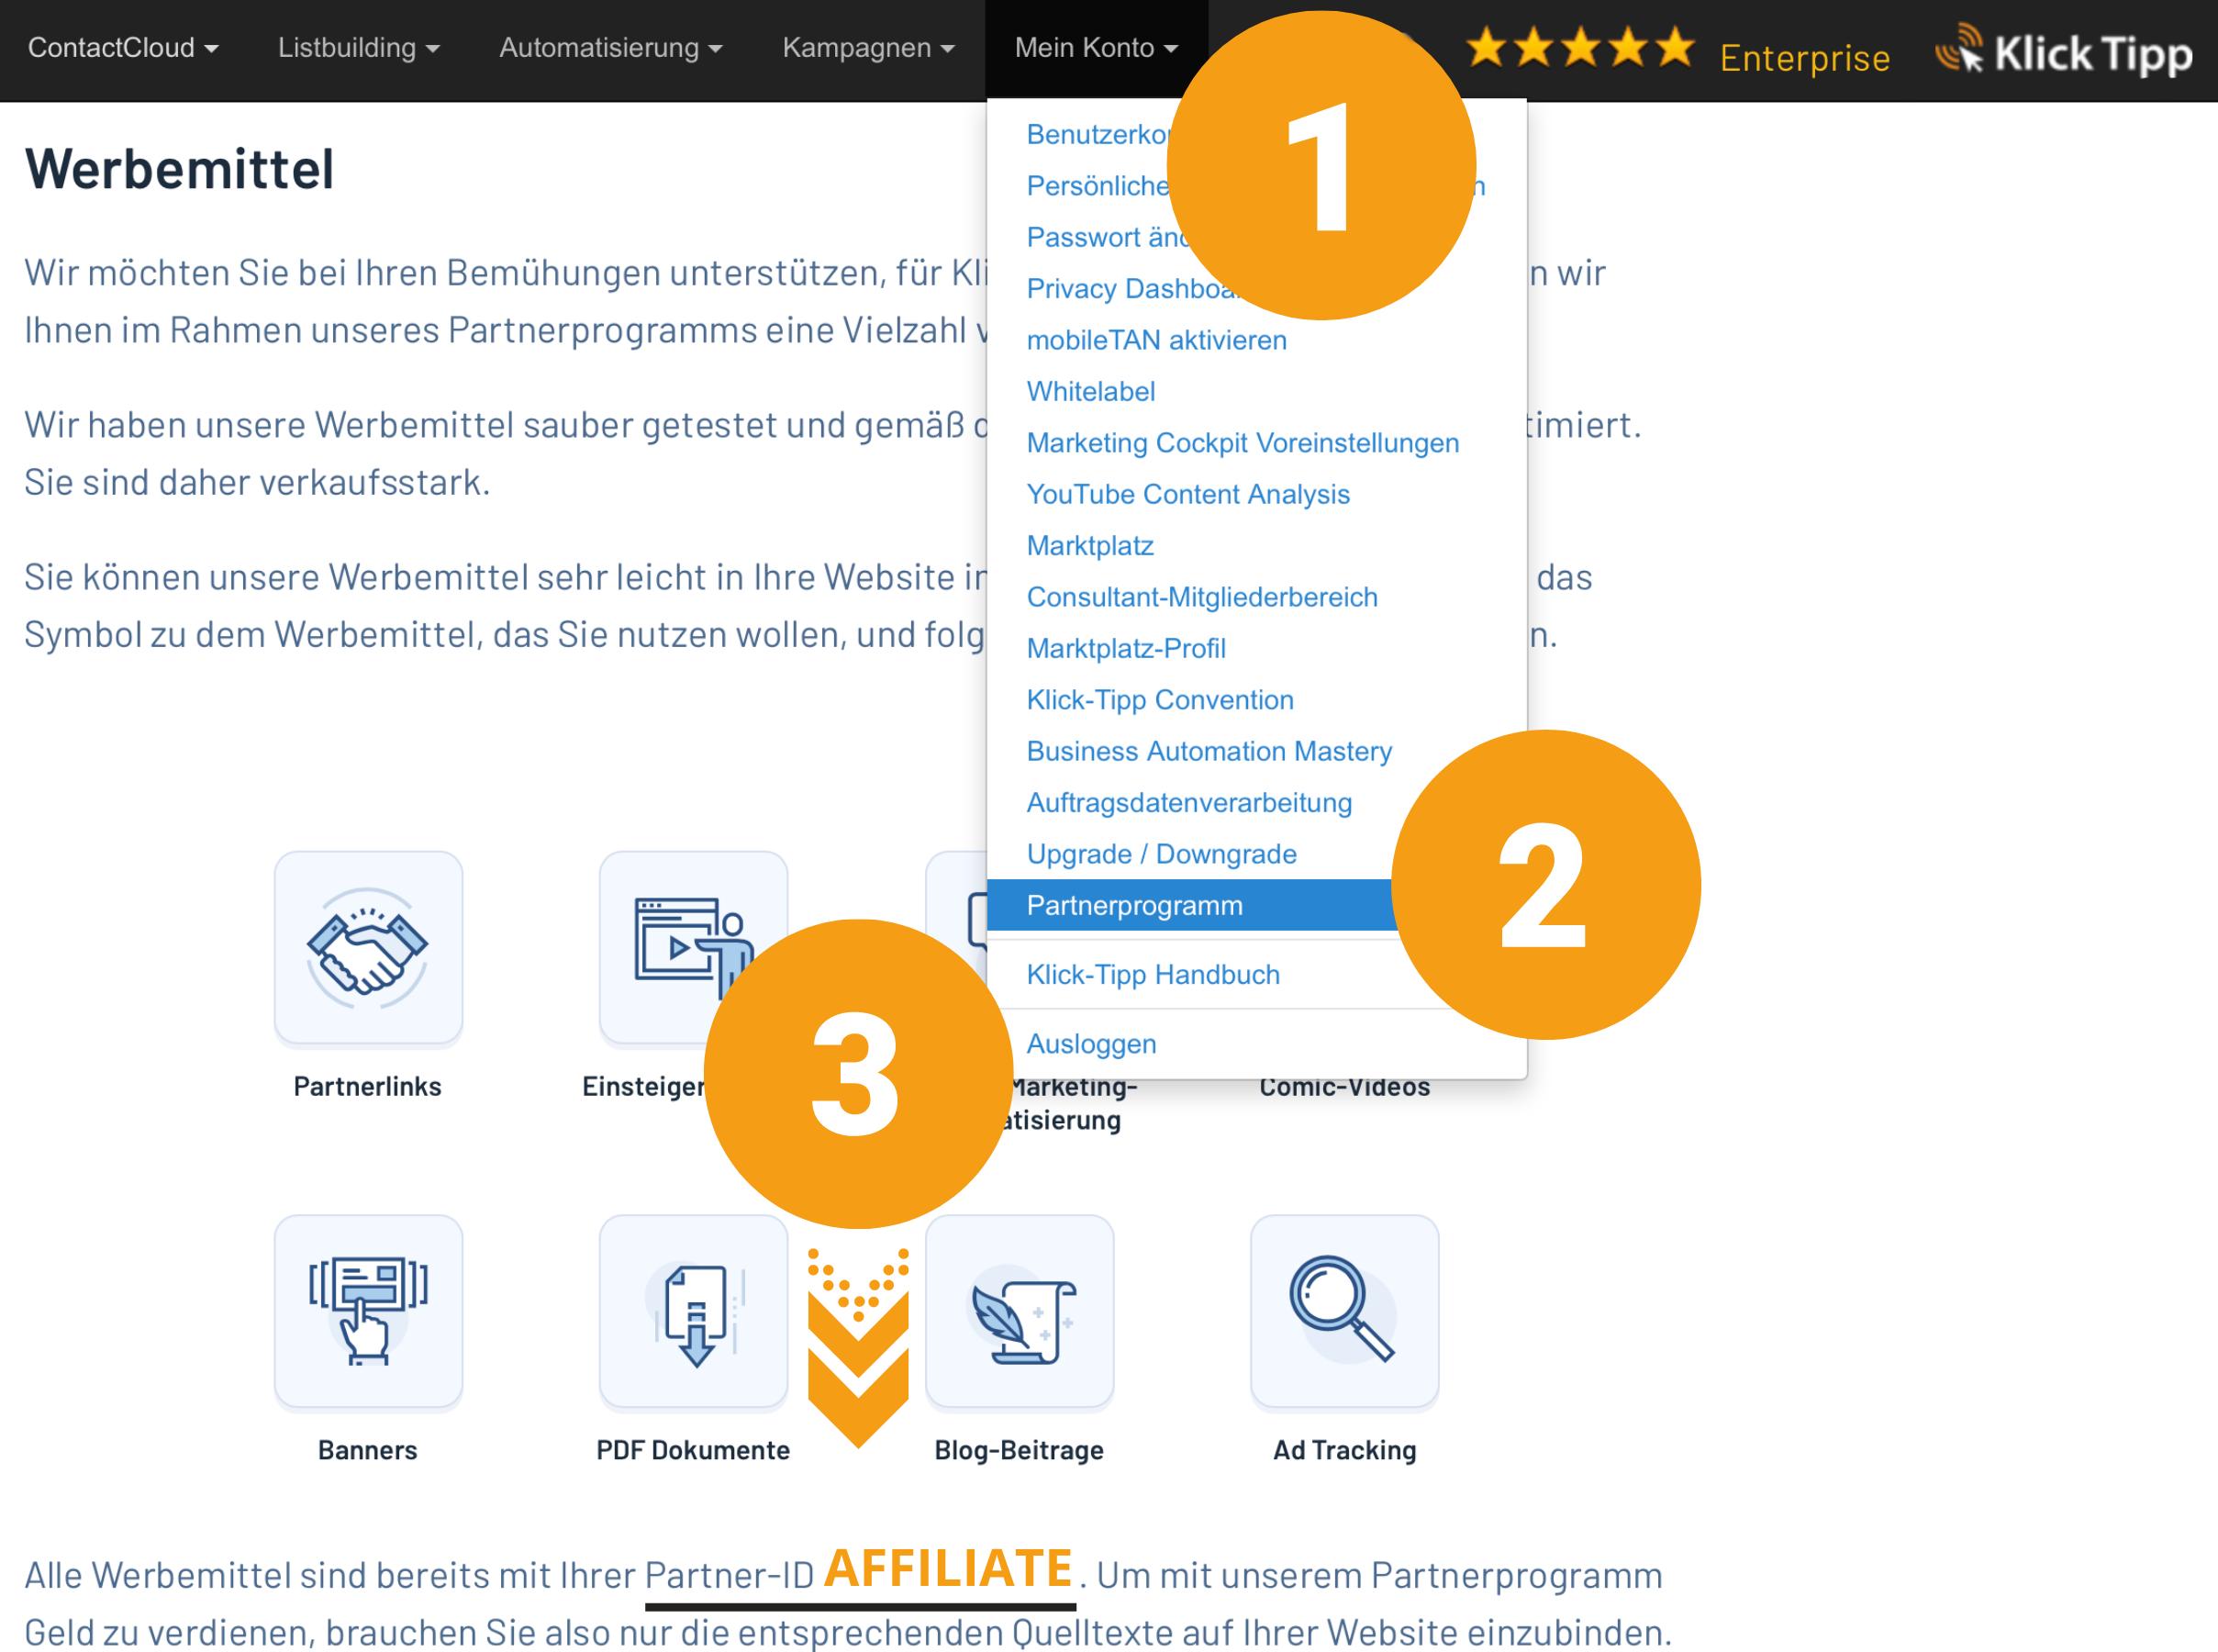 Der schnellste und einfachste Drag & Drop E-Mail-Editor